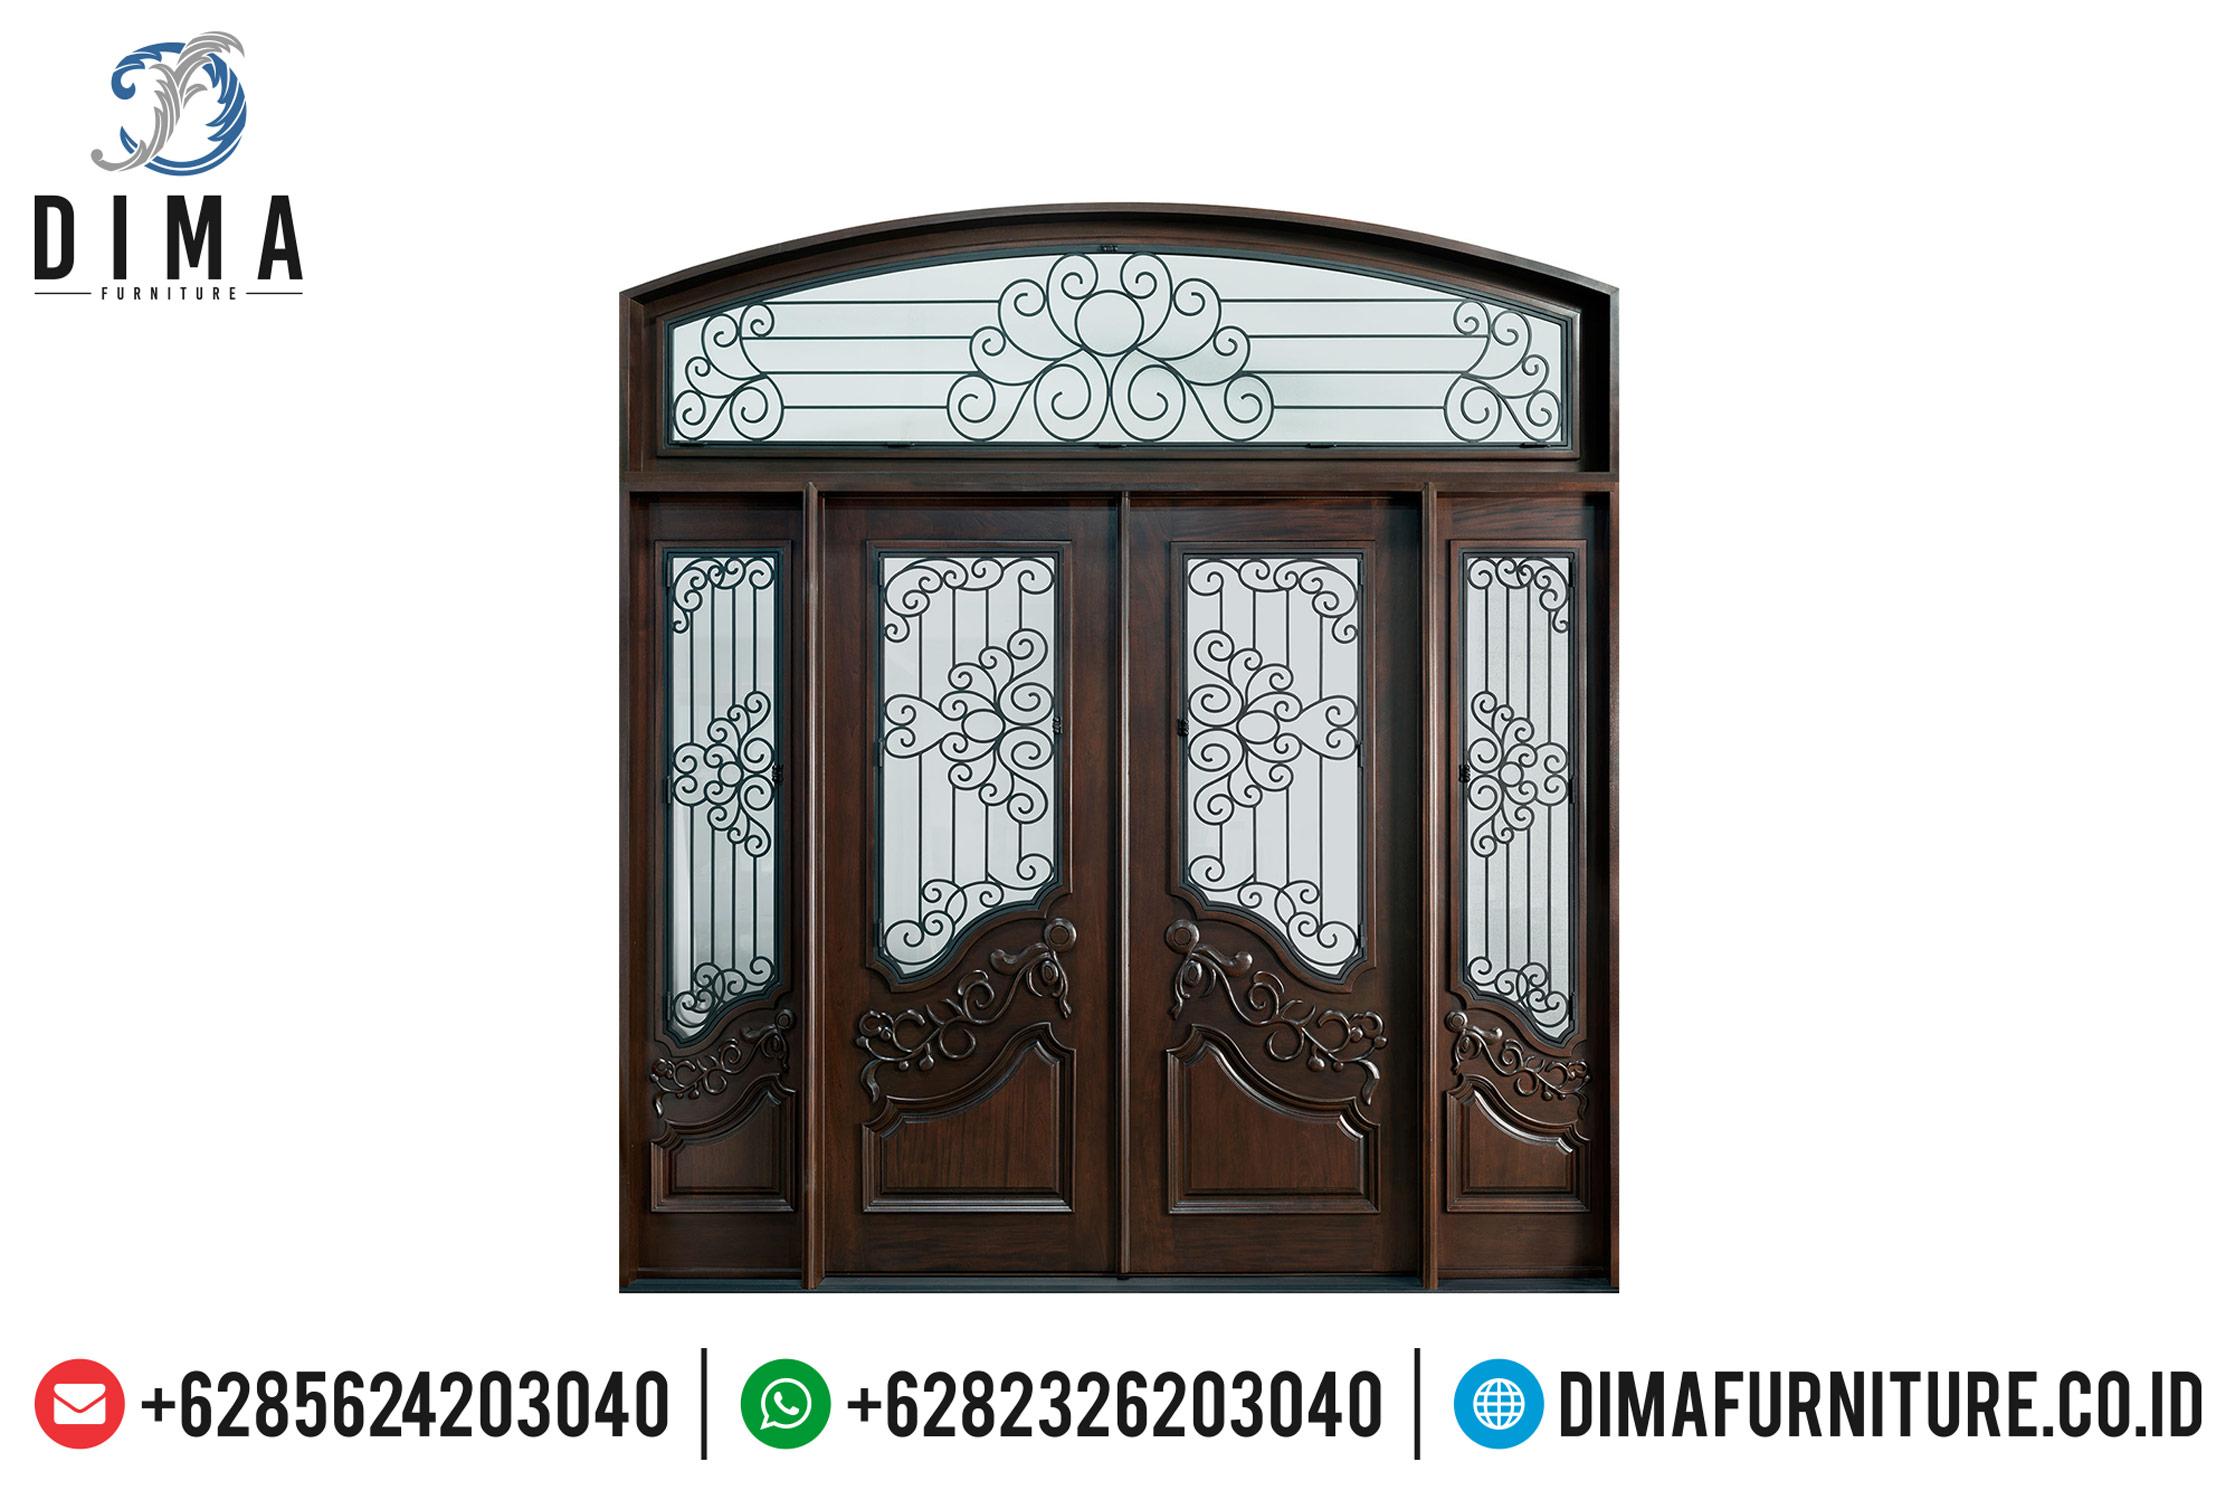 Model Mebel Jepara Terbaru Jual Pintu Rumah Mewah Jati Terbaru DF-0850